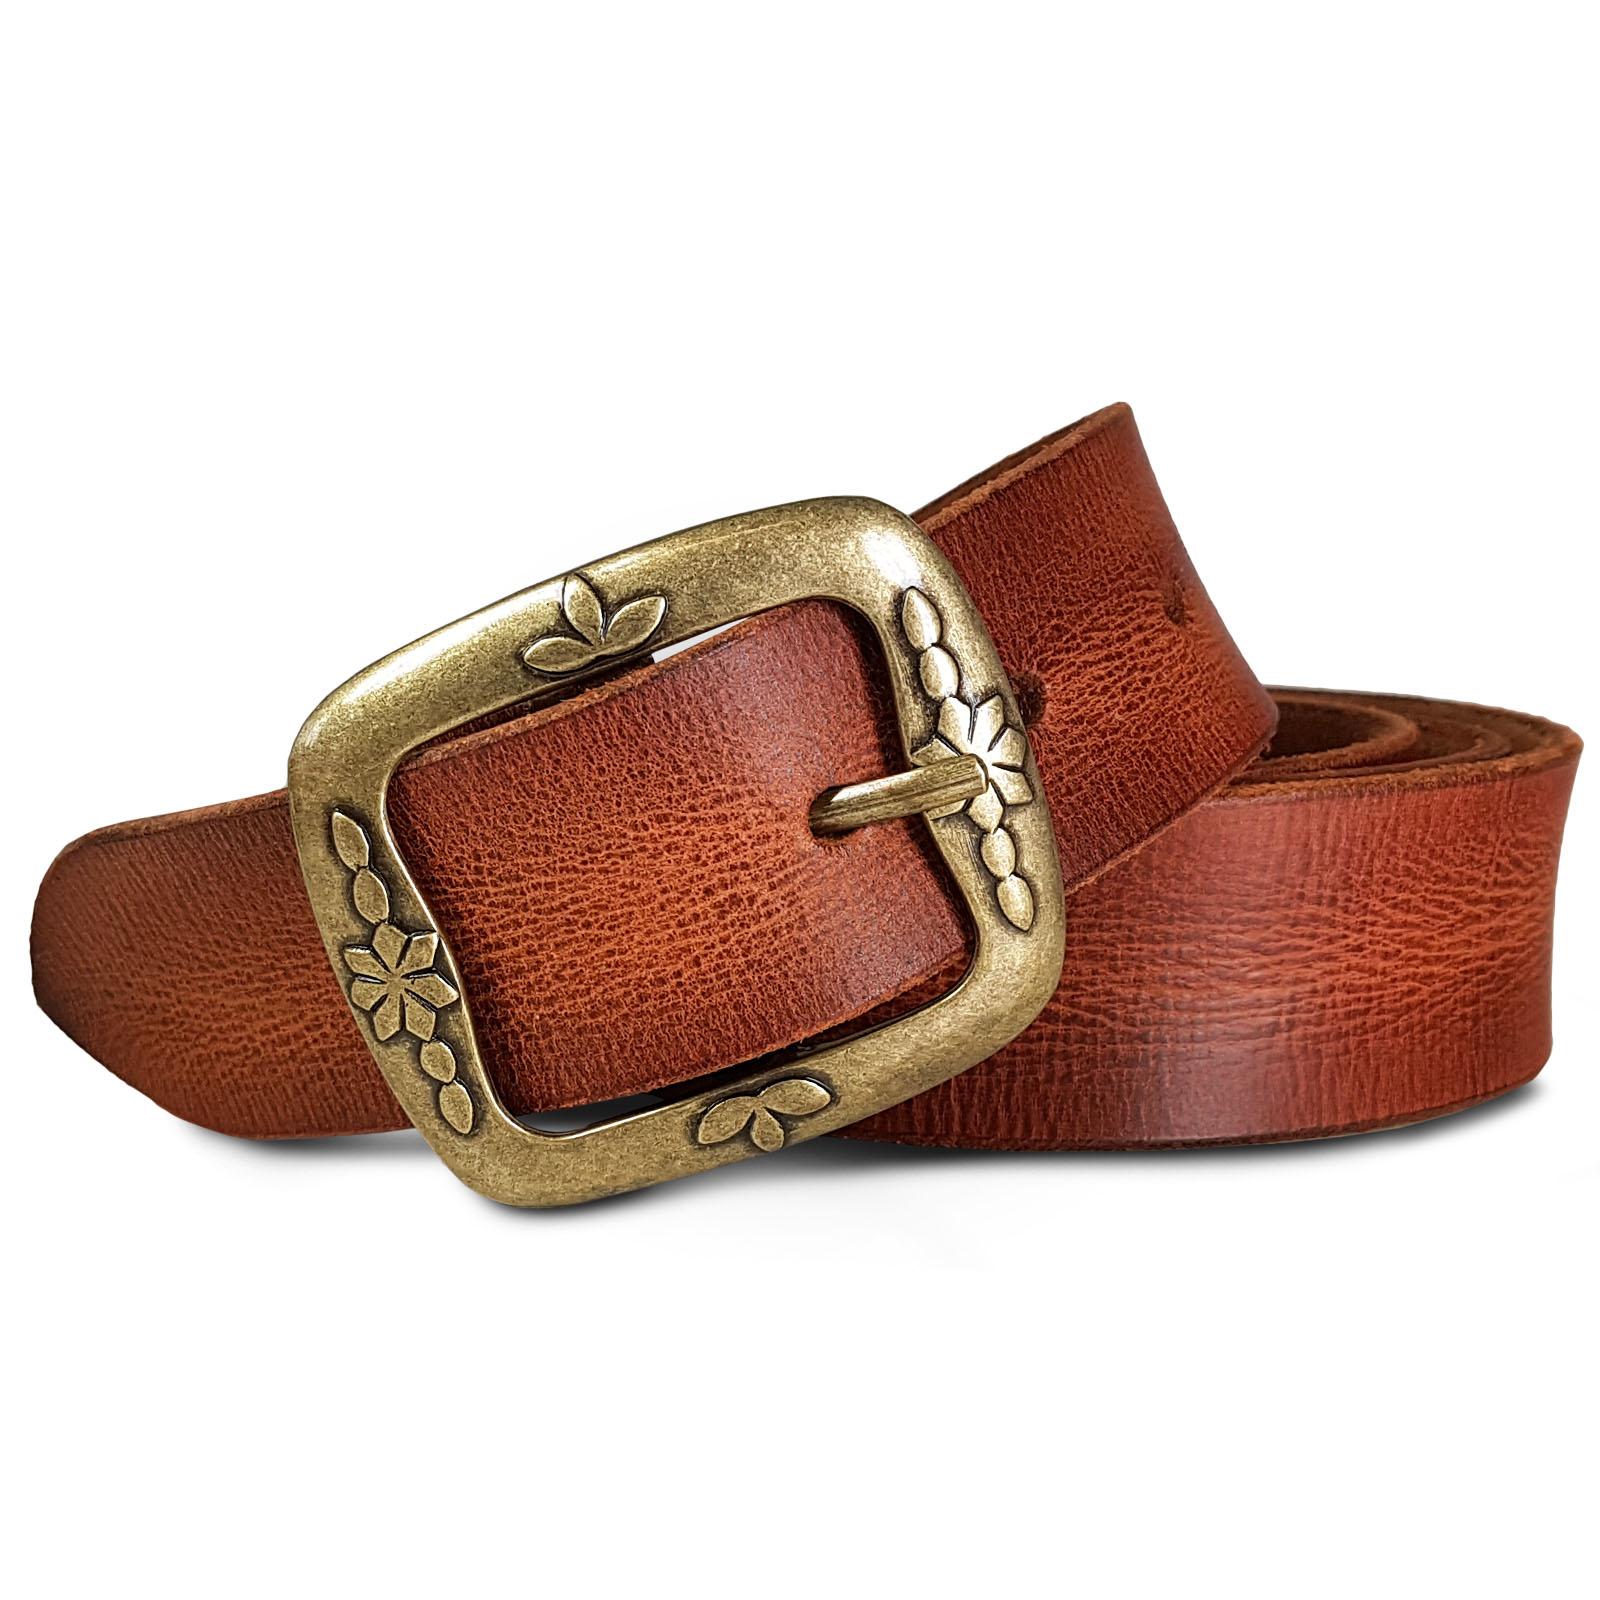 modisches und attraktives Paket erstaunliche Qualität kinder ROYALZ Vintage Ledergürtel für Damen aus Büffel-Leder 38mm breit  Jeans-Gürtel Damen kürzbar Voll-Leder